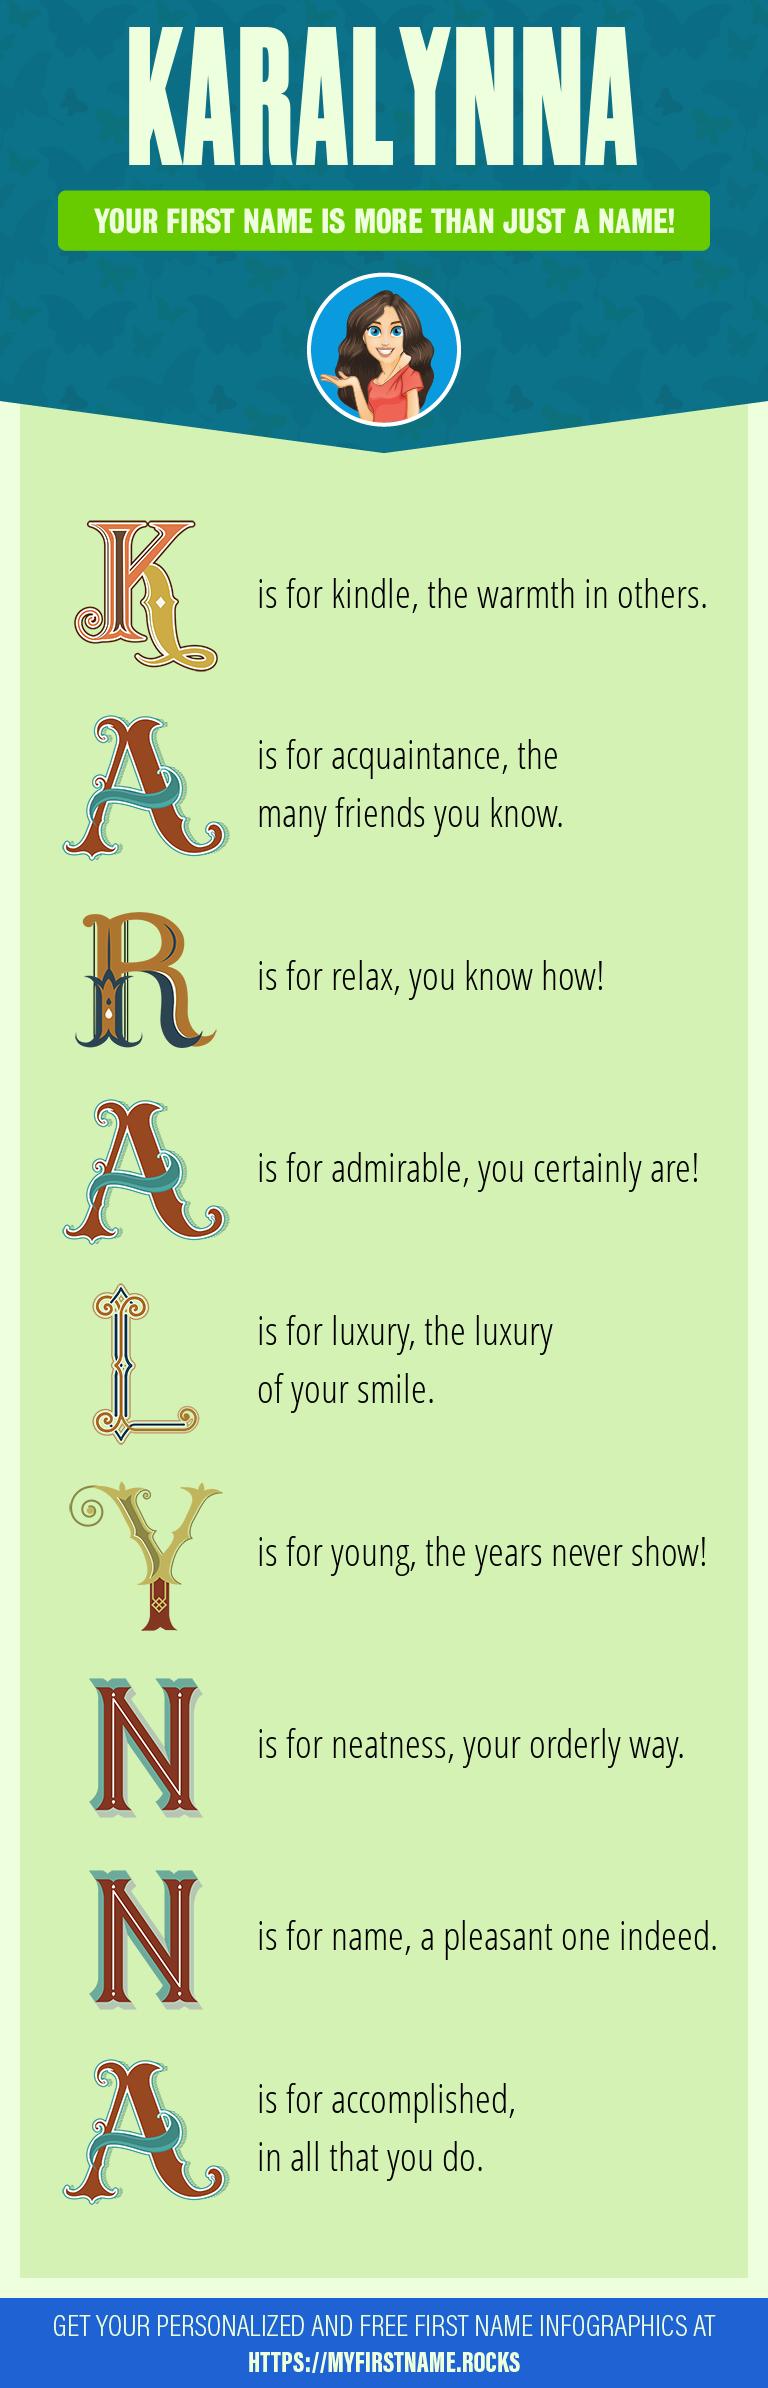 Karalynna Infographics